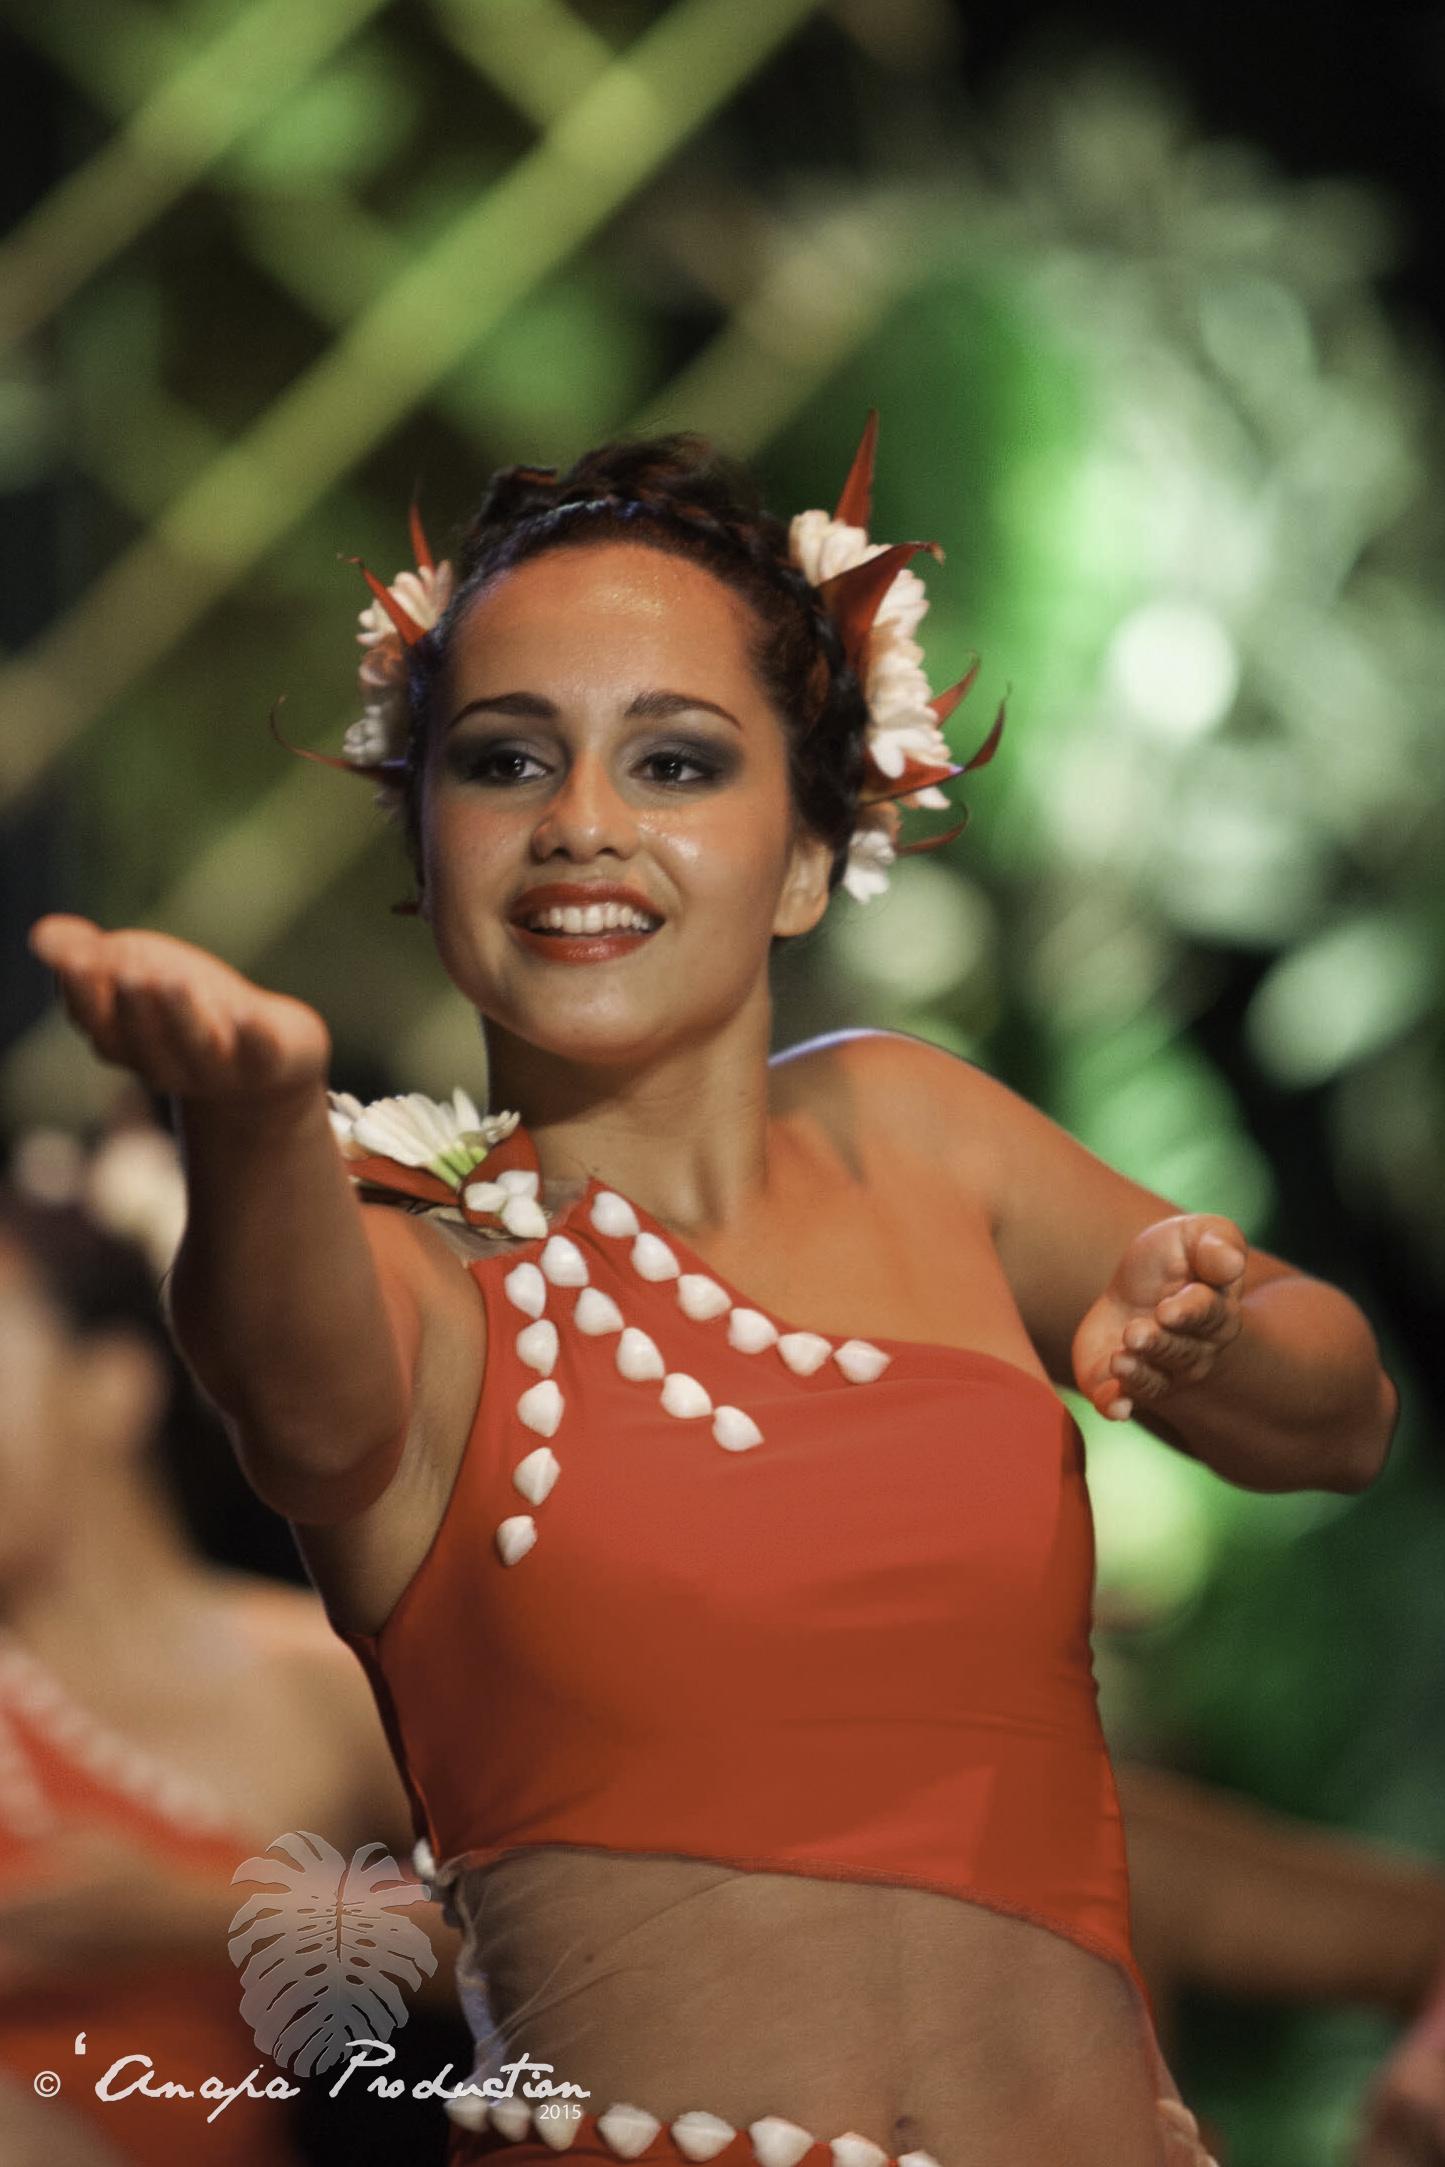 Matarufau vahine - Anapa Production (4)